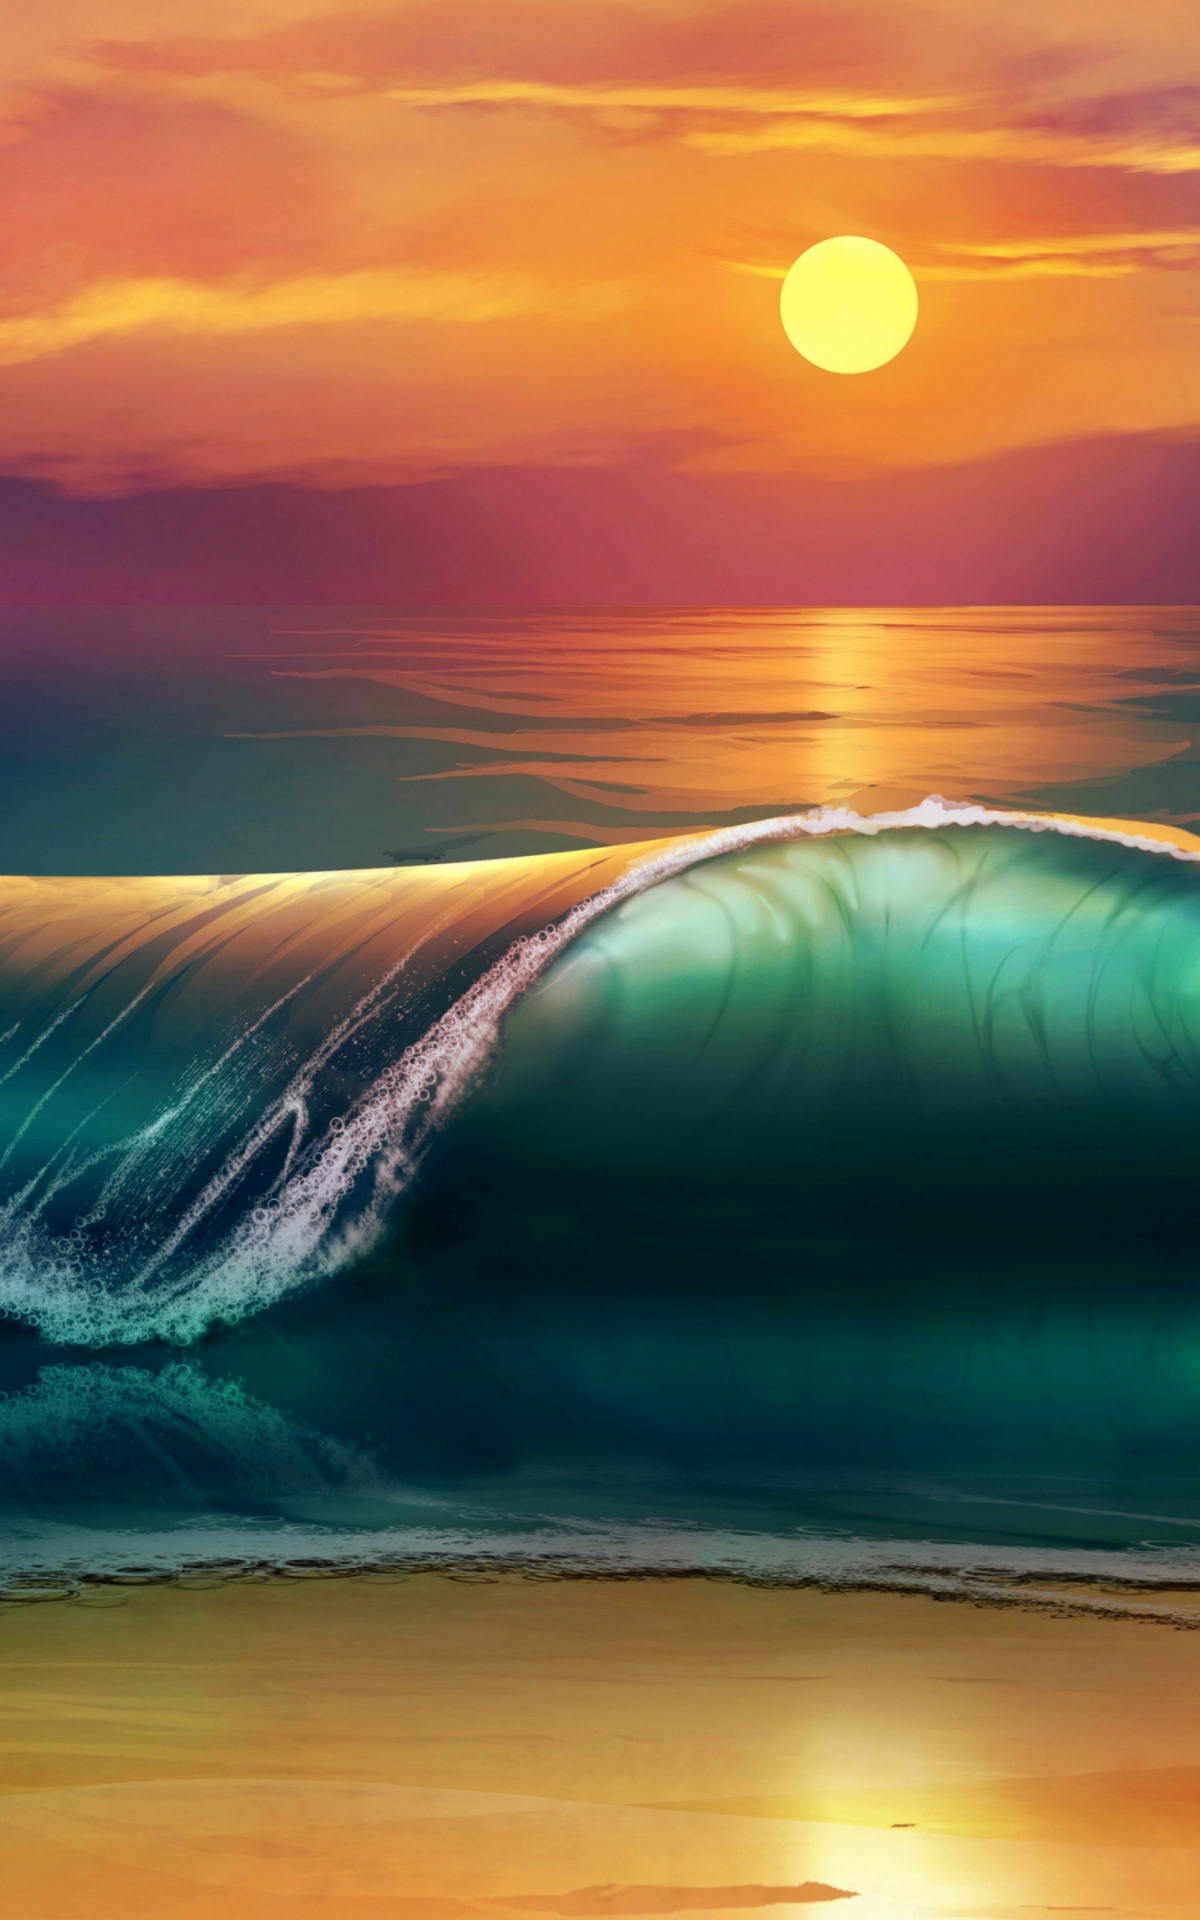 Free download Wallpaper 3840x2160 art sunset beach sea ...